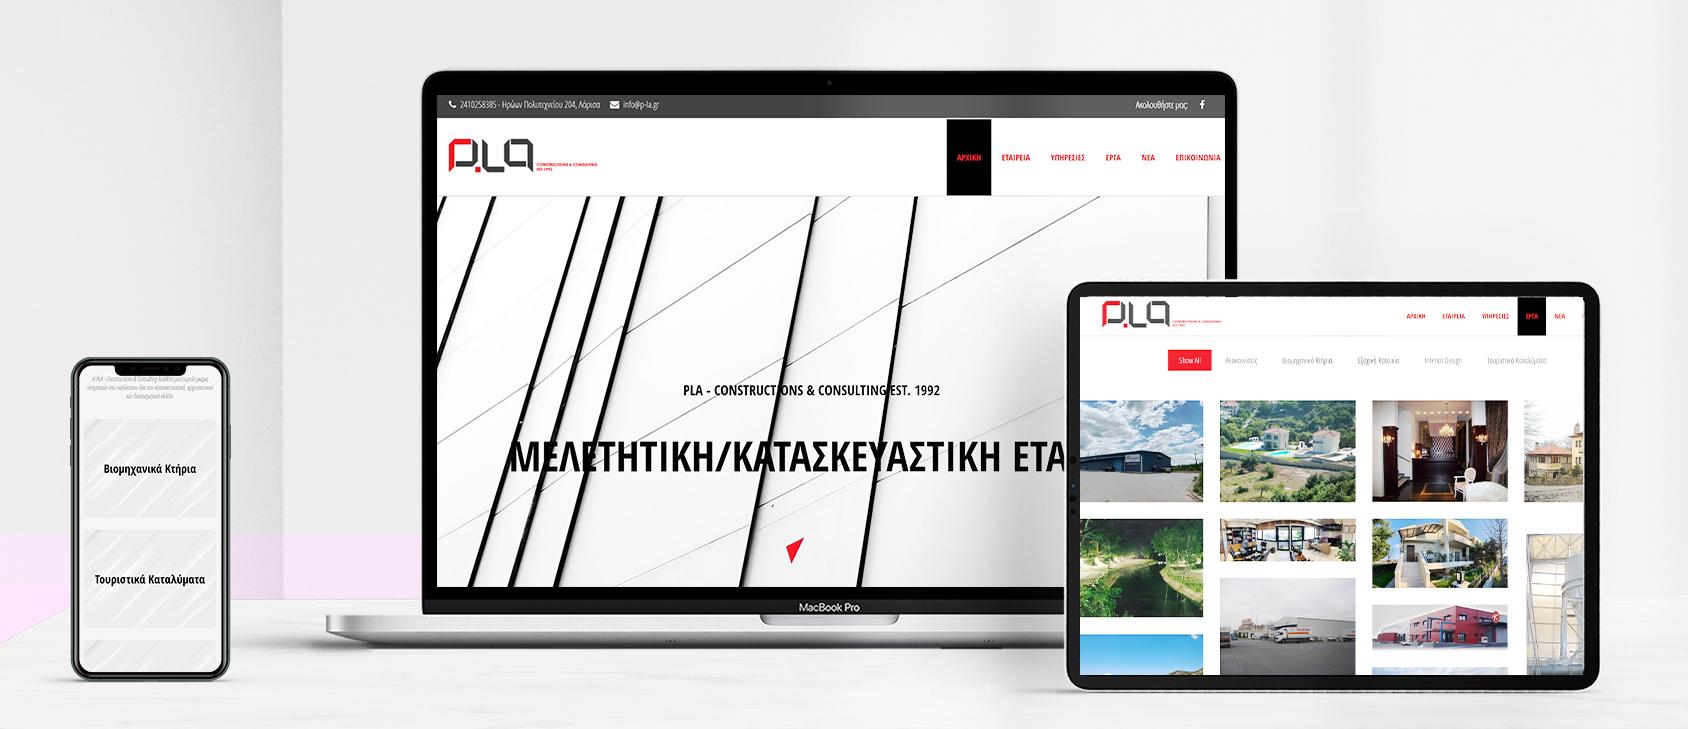 Ιστοσελίδα κατασκευαστικής εταιρείας στη Λάρισα